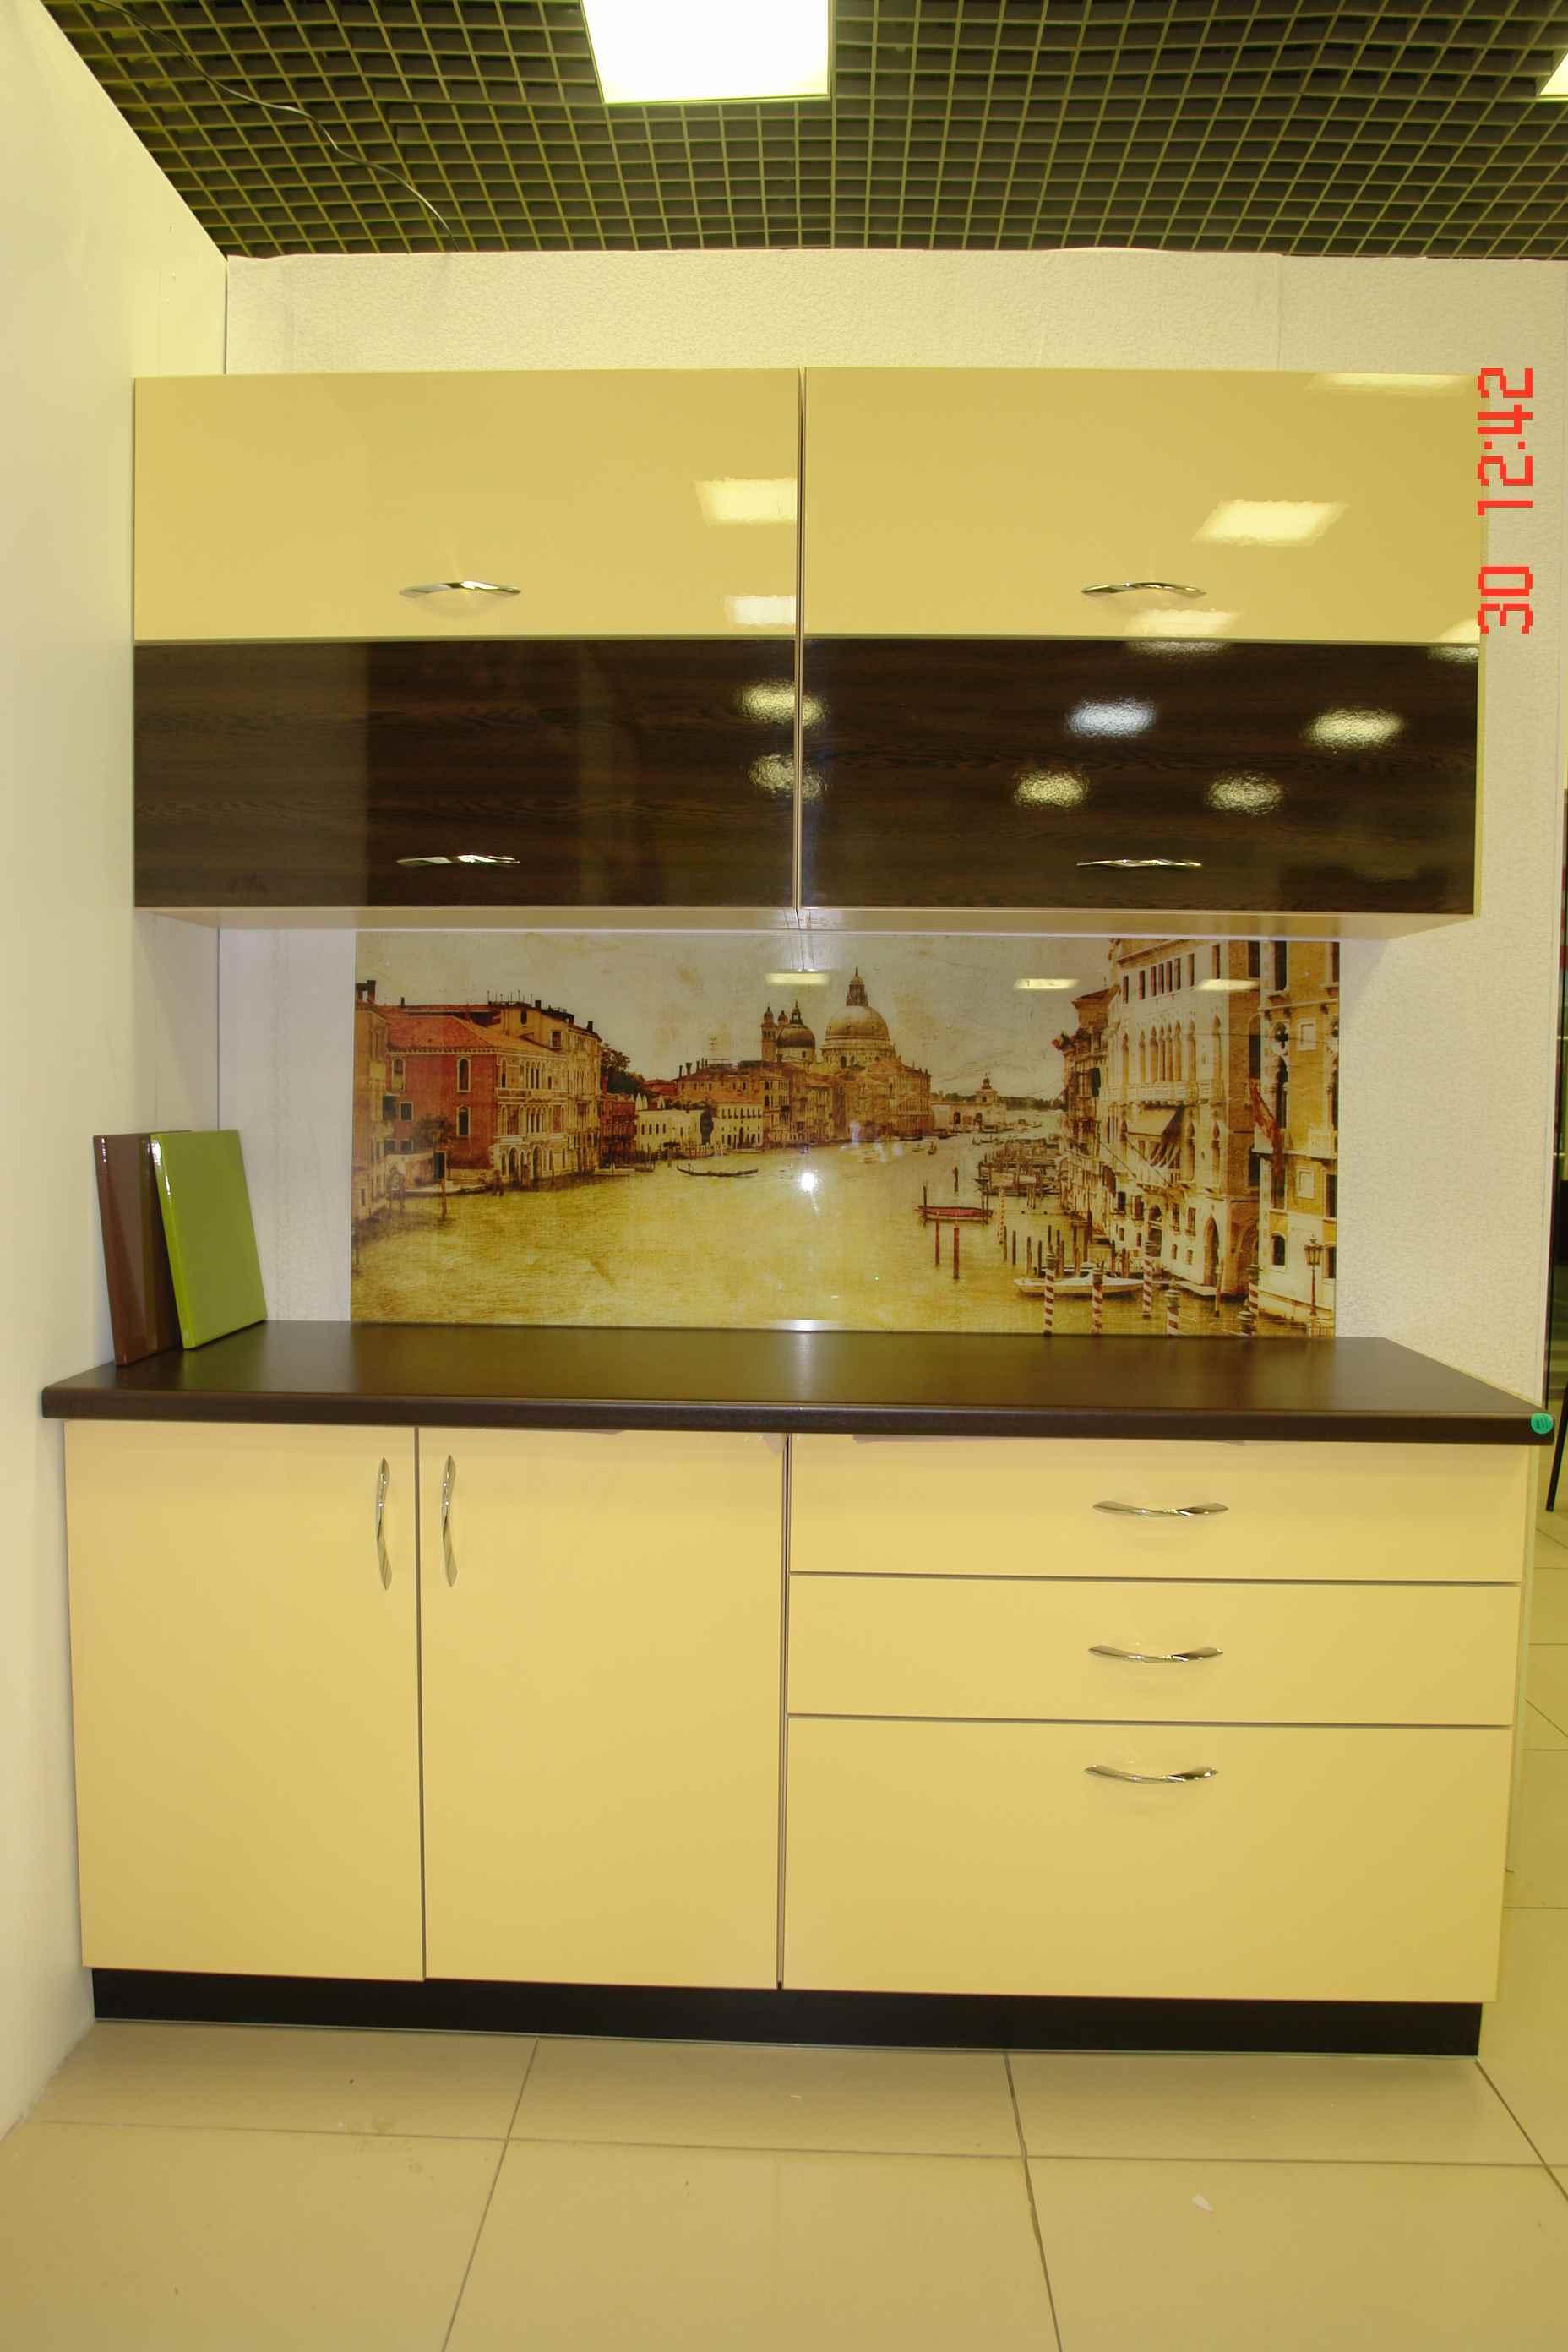 Кухня всего за 25 тысяч рублей